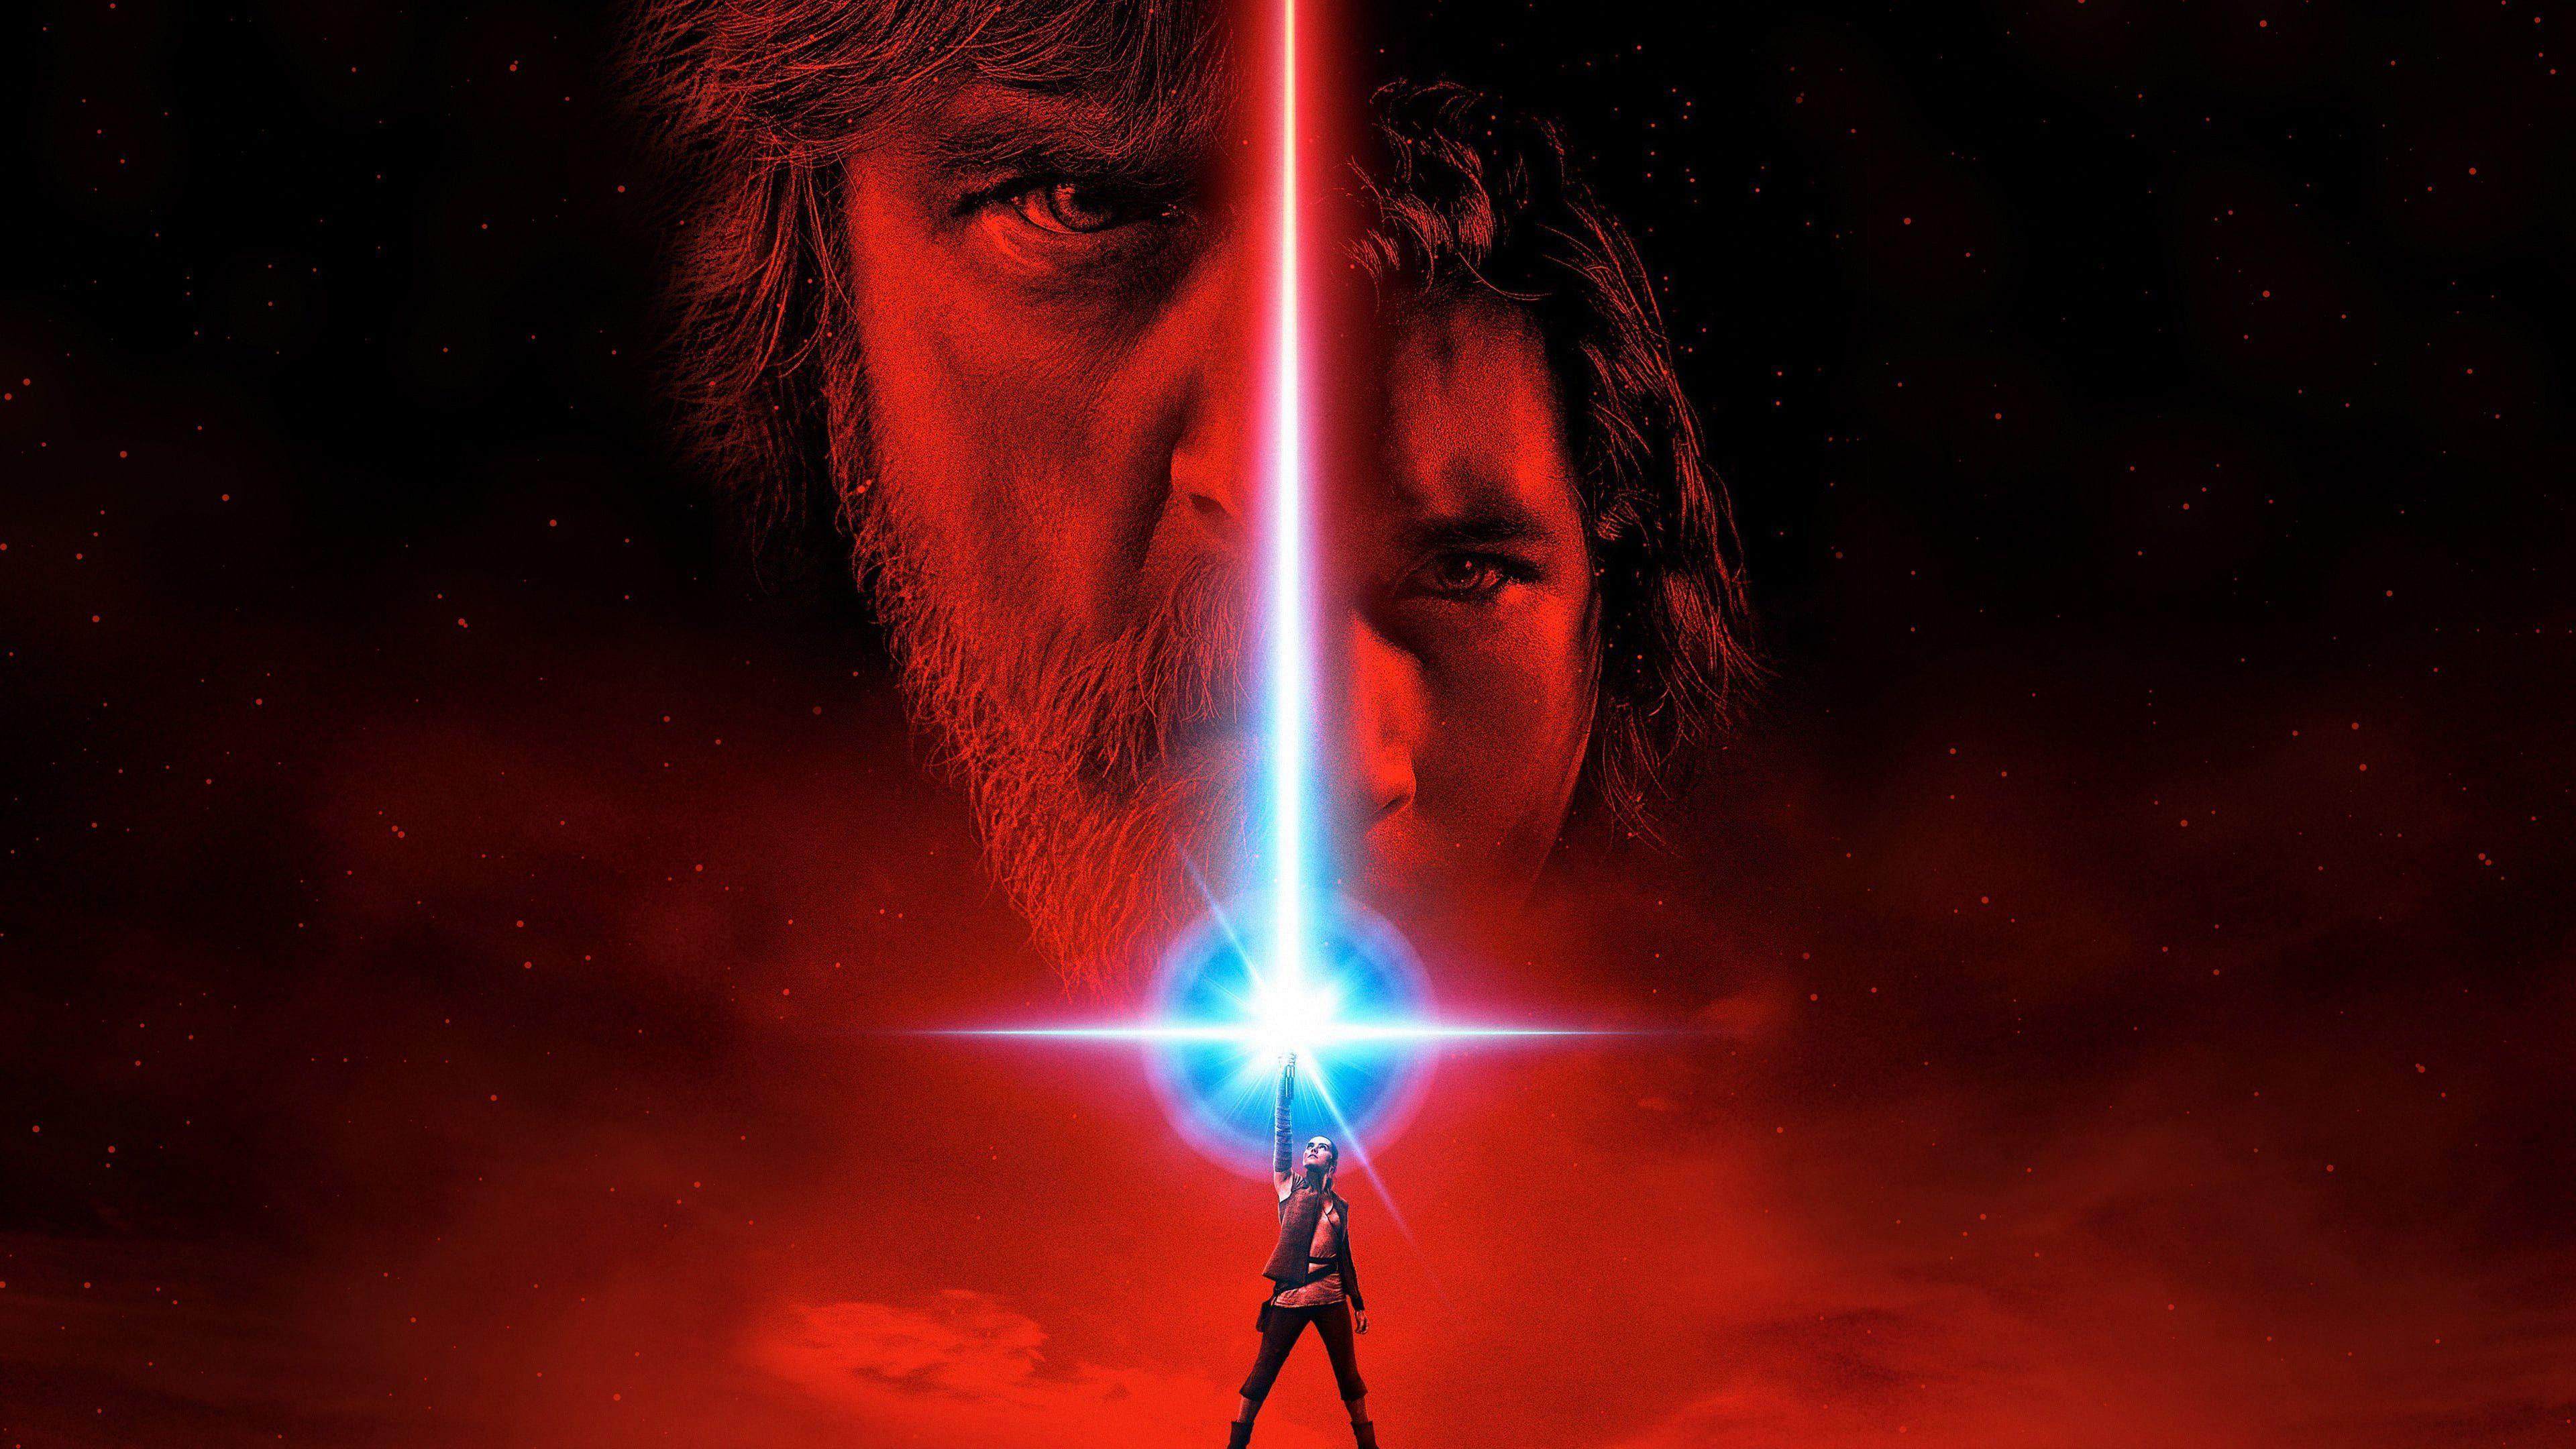 Star Wars The Last Jedi Star Wars Film Star Wars Watch Last Jedi